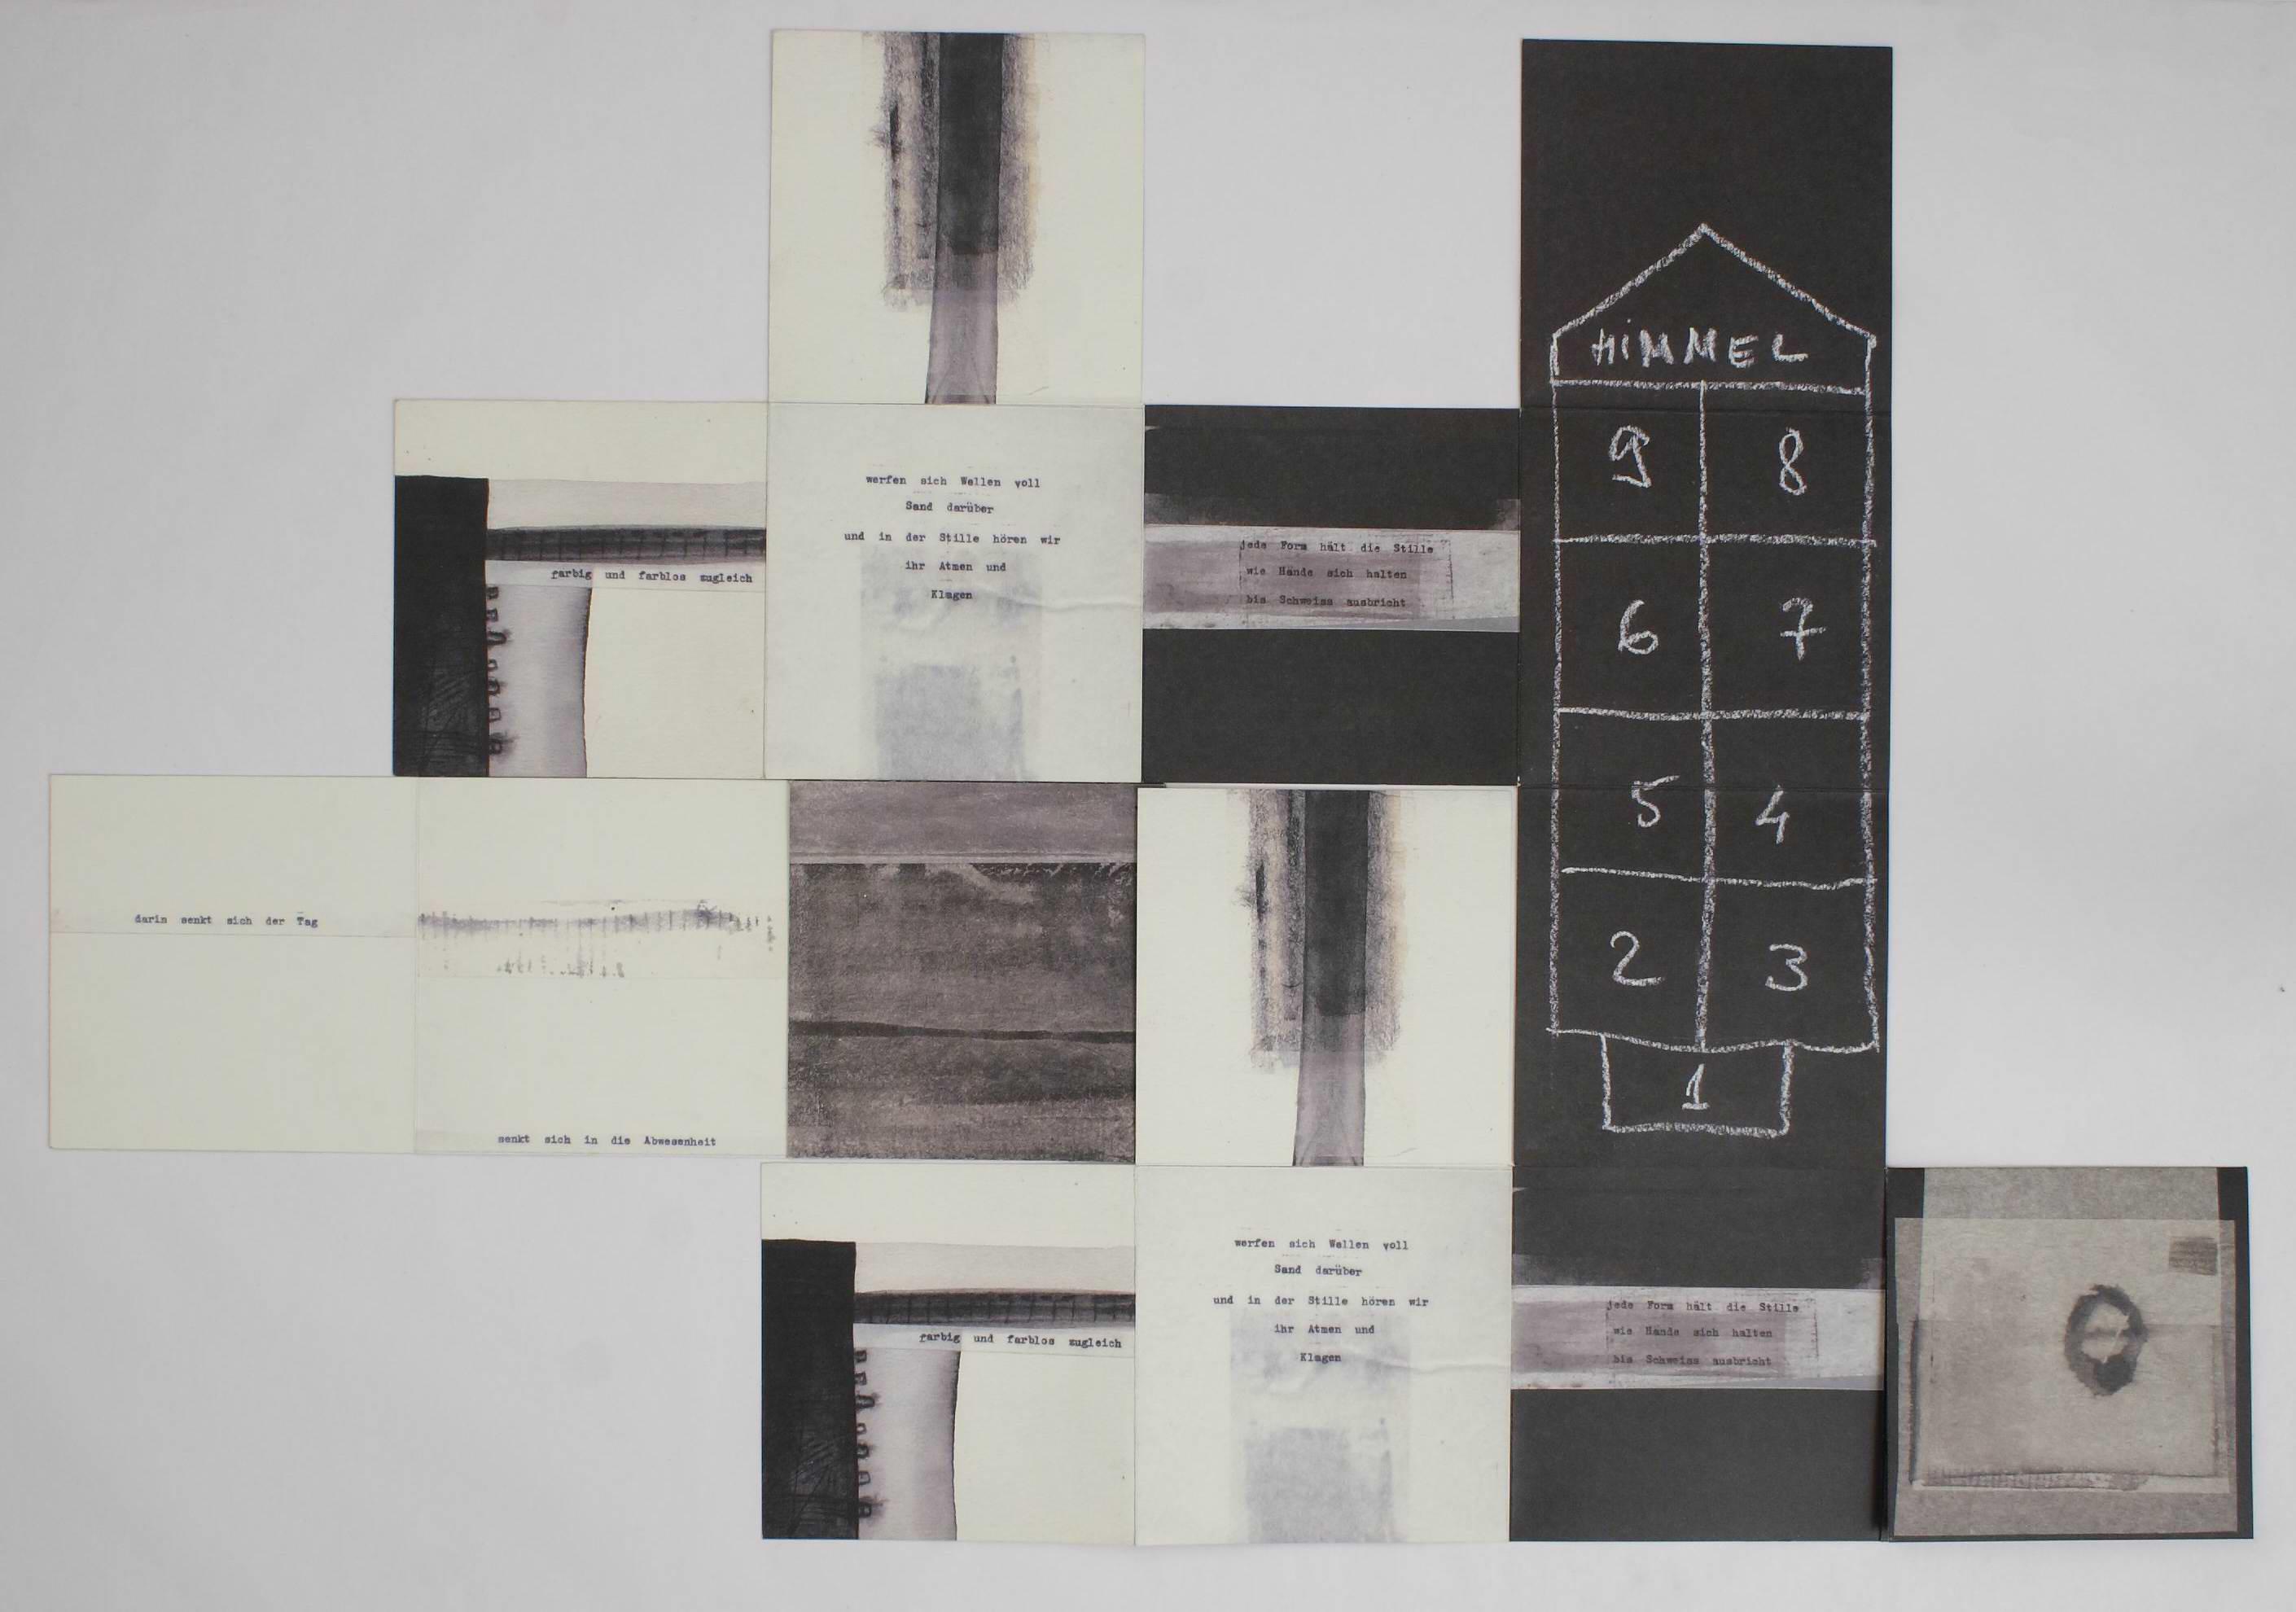 Олена Турянська. Артбук «Тиша», 2005; один із варіантів прочитання